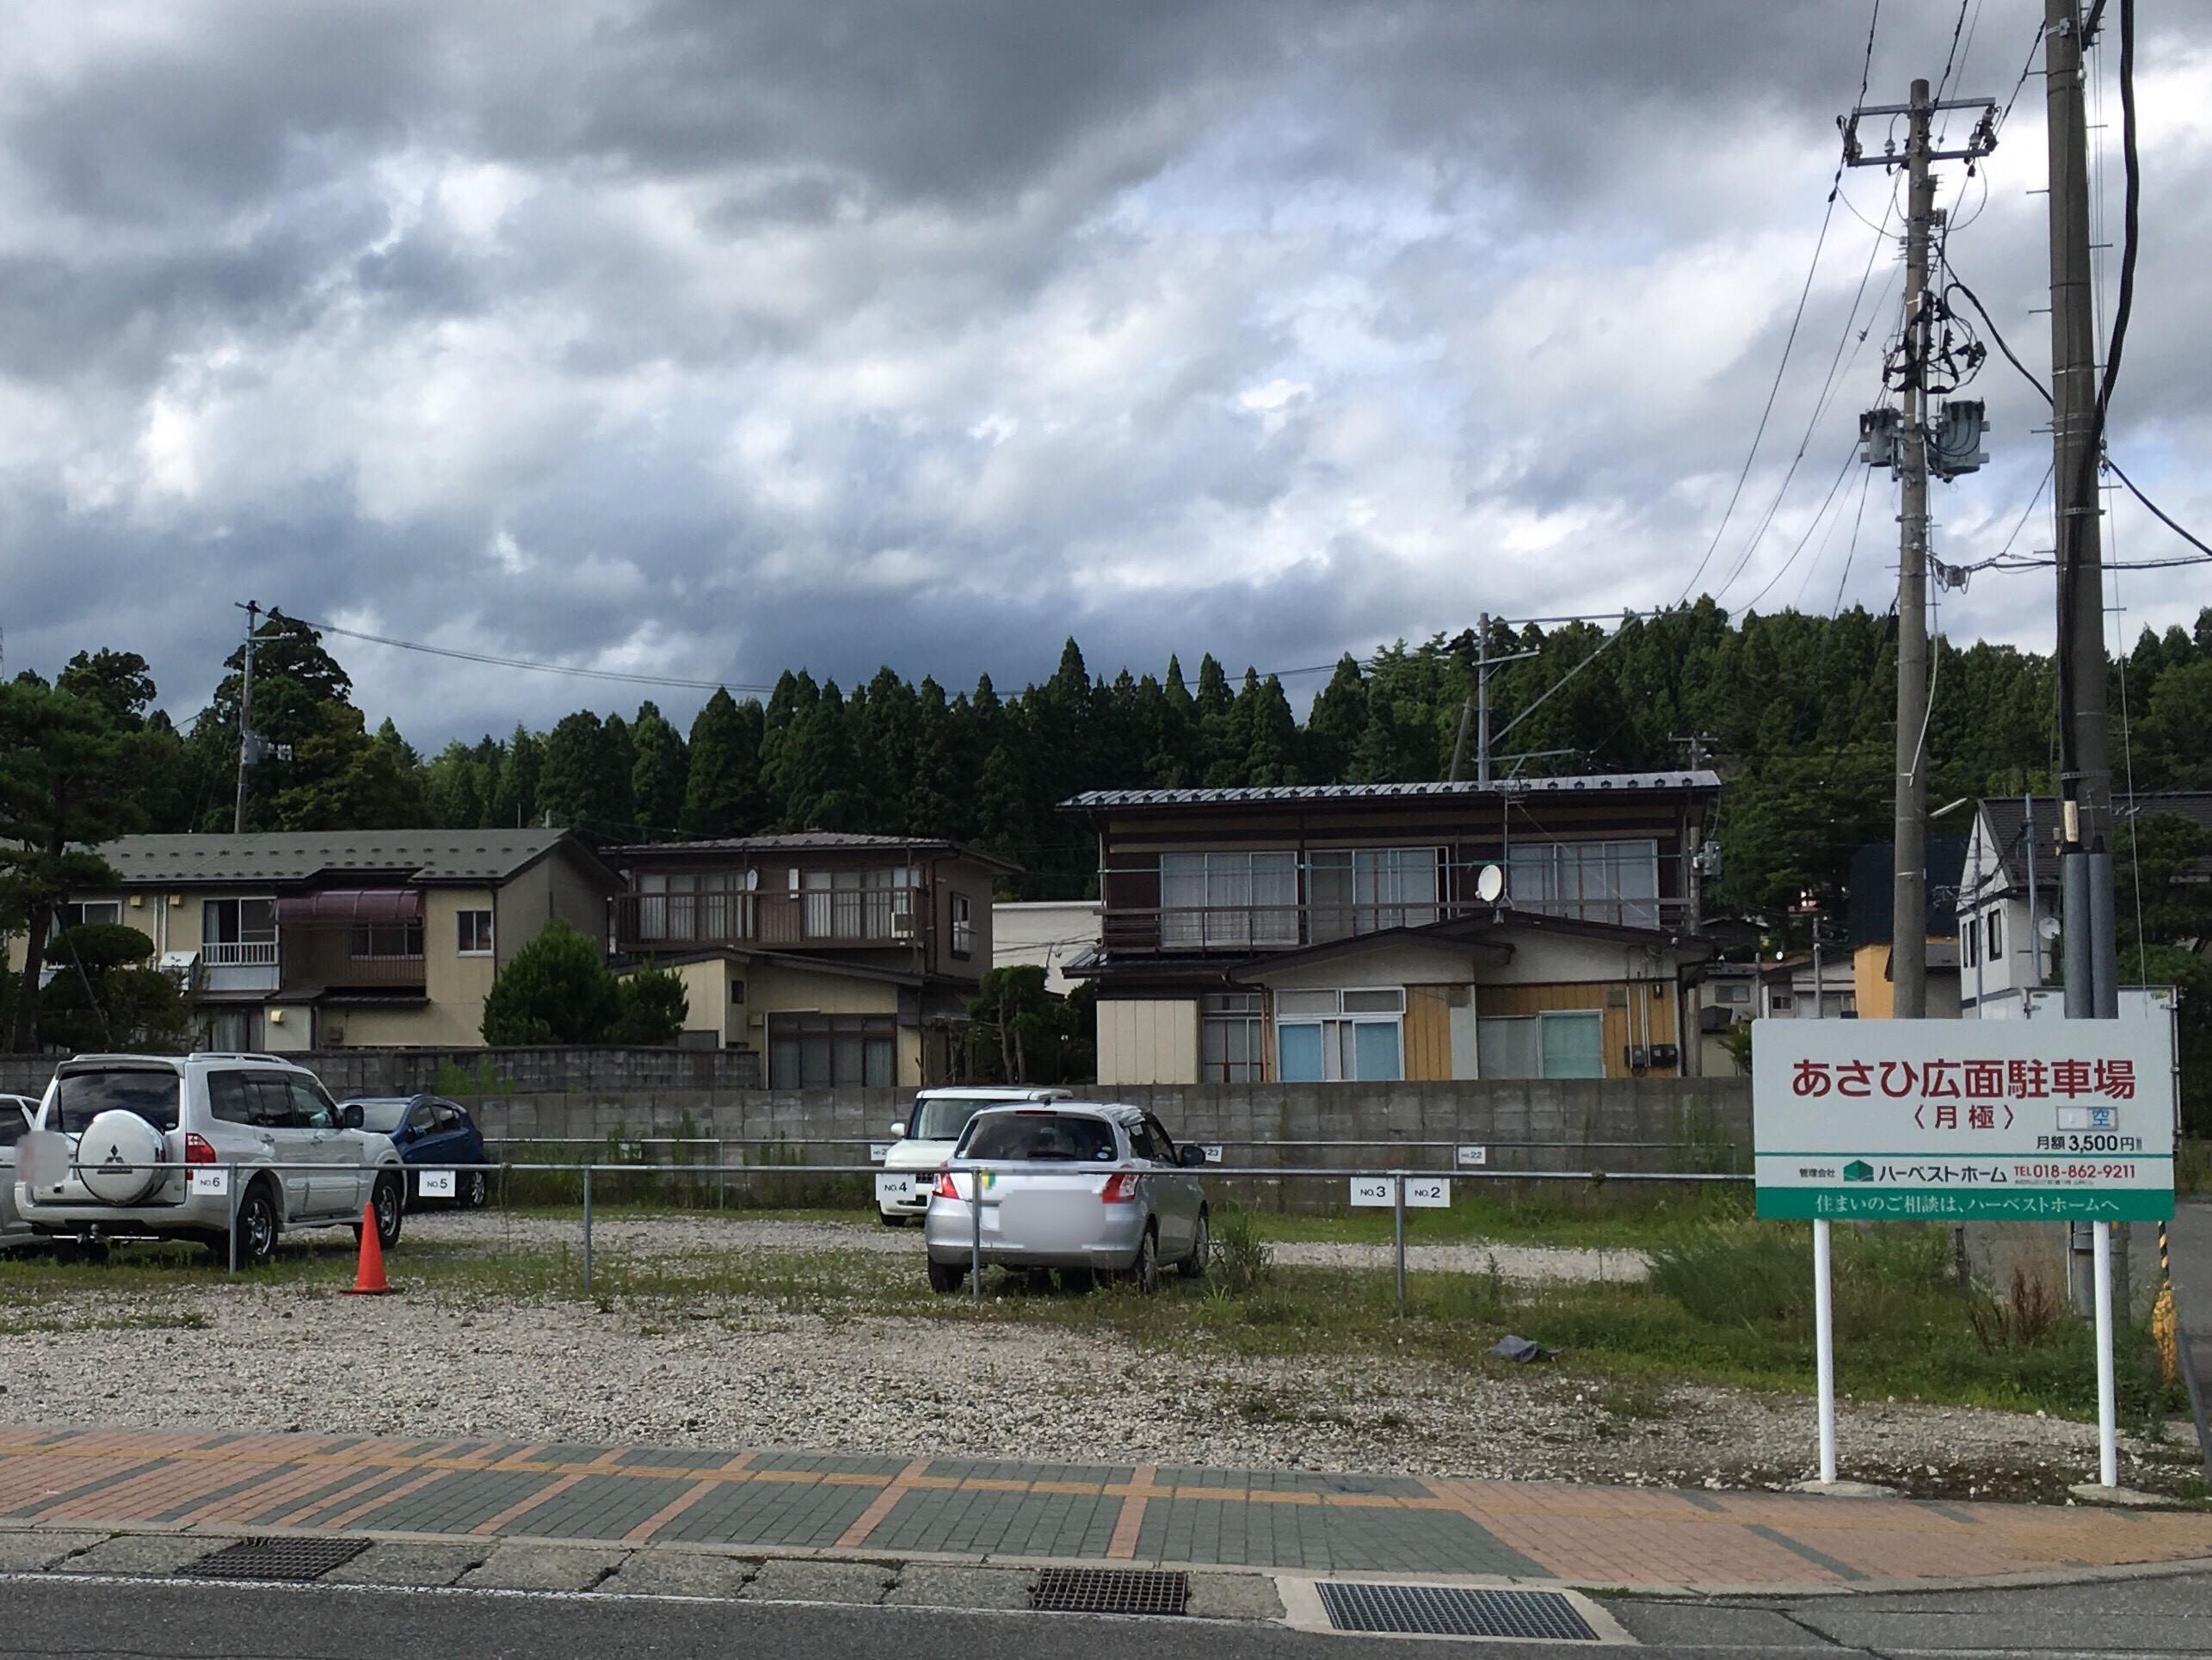 いとく秋田東店(広面)前 駐車場 【30台】